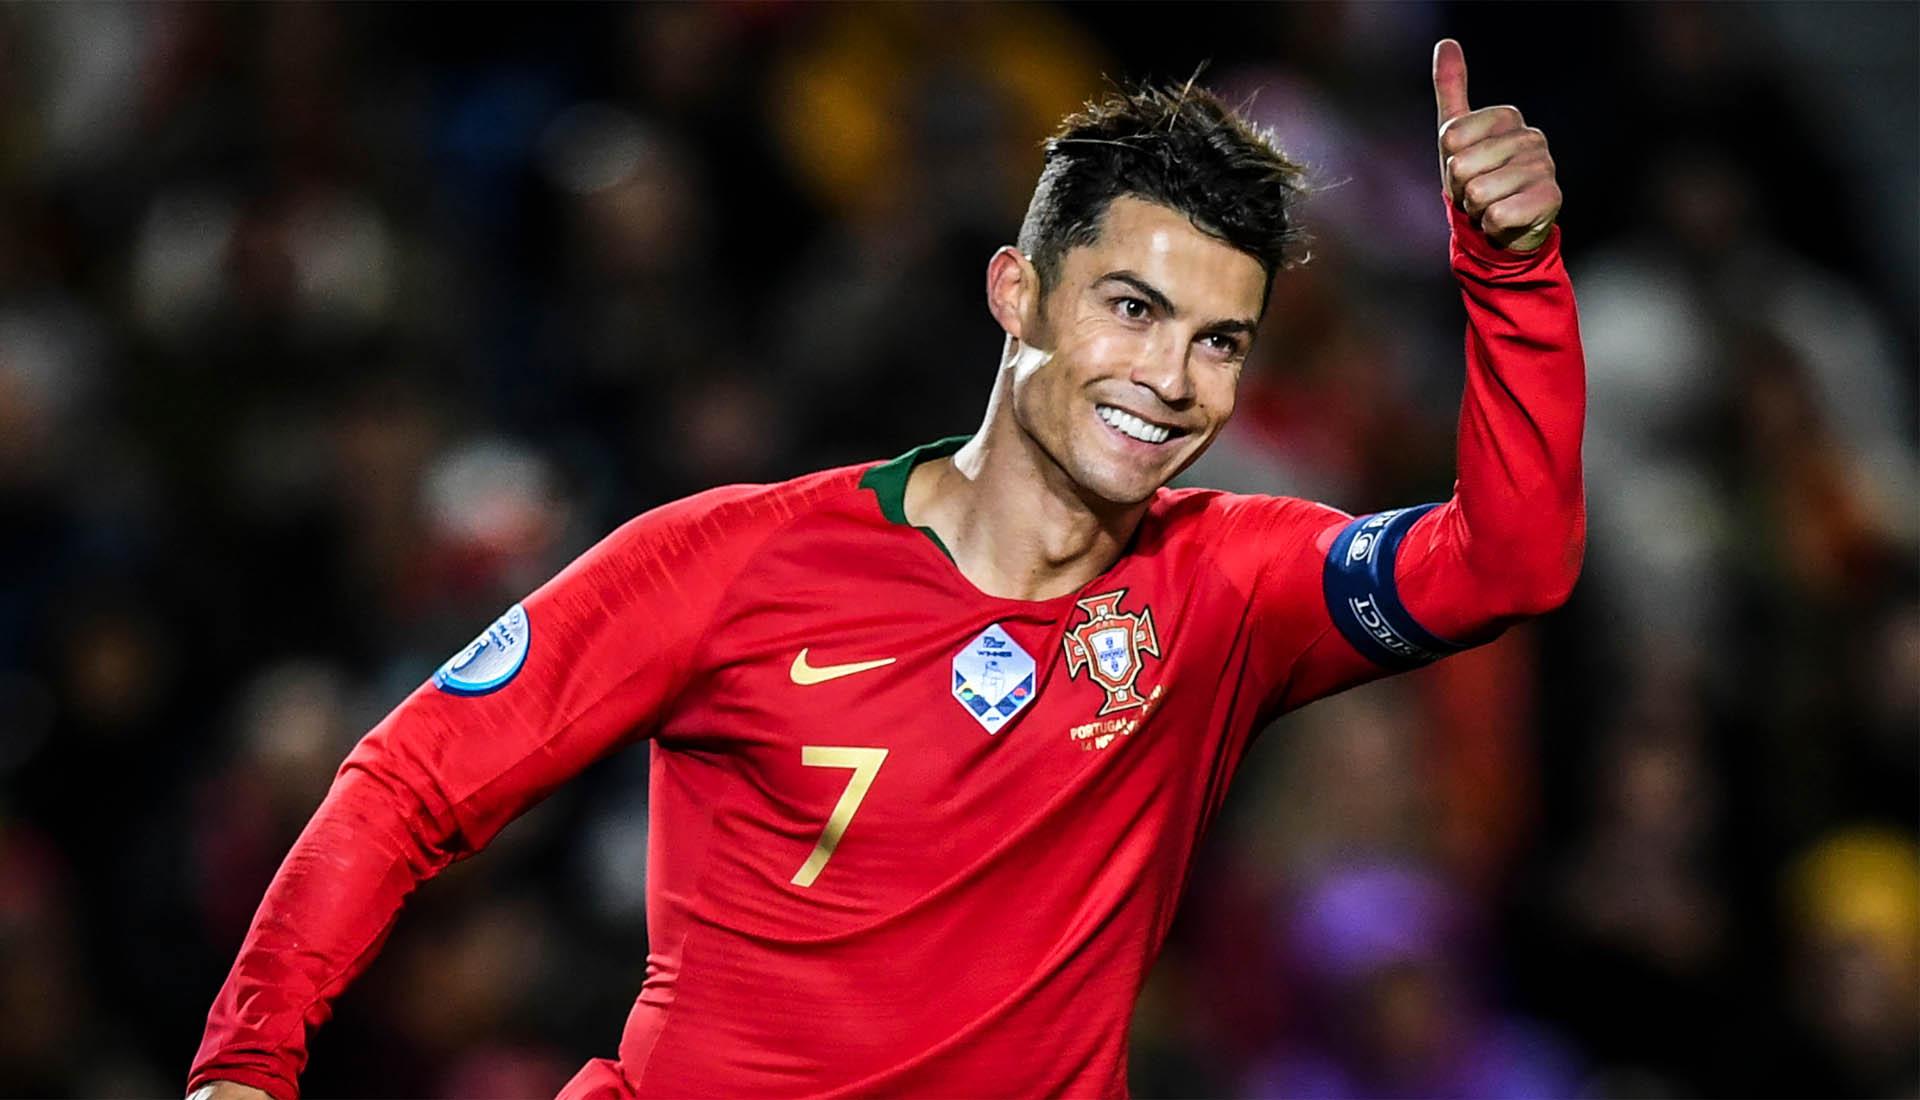 Ronaldo CR7 là ngôi sao người Bồ Đào Nha duy nhất bước vào ngôi đền huyền thoại